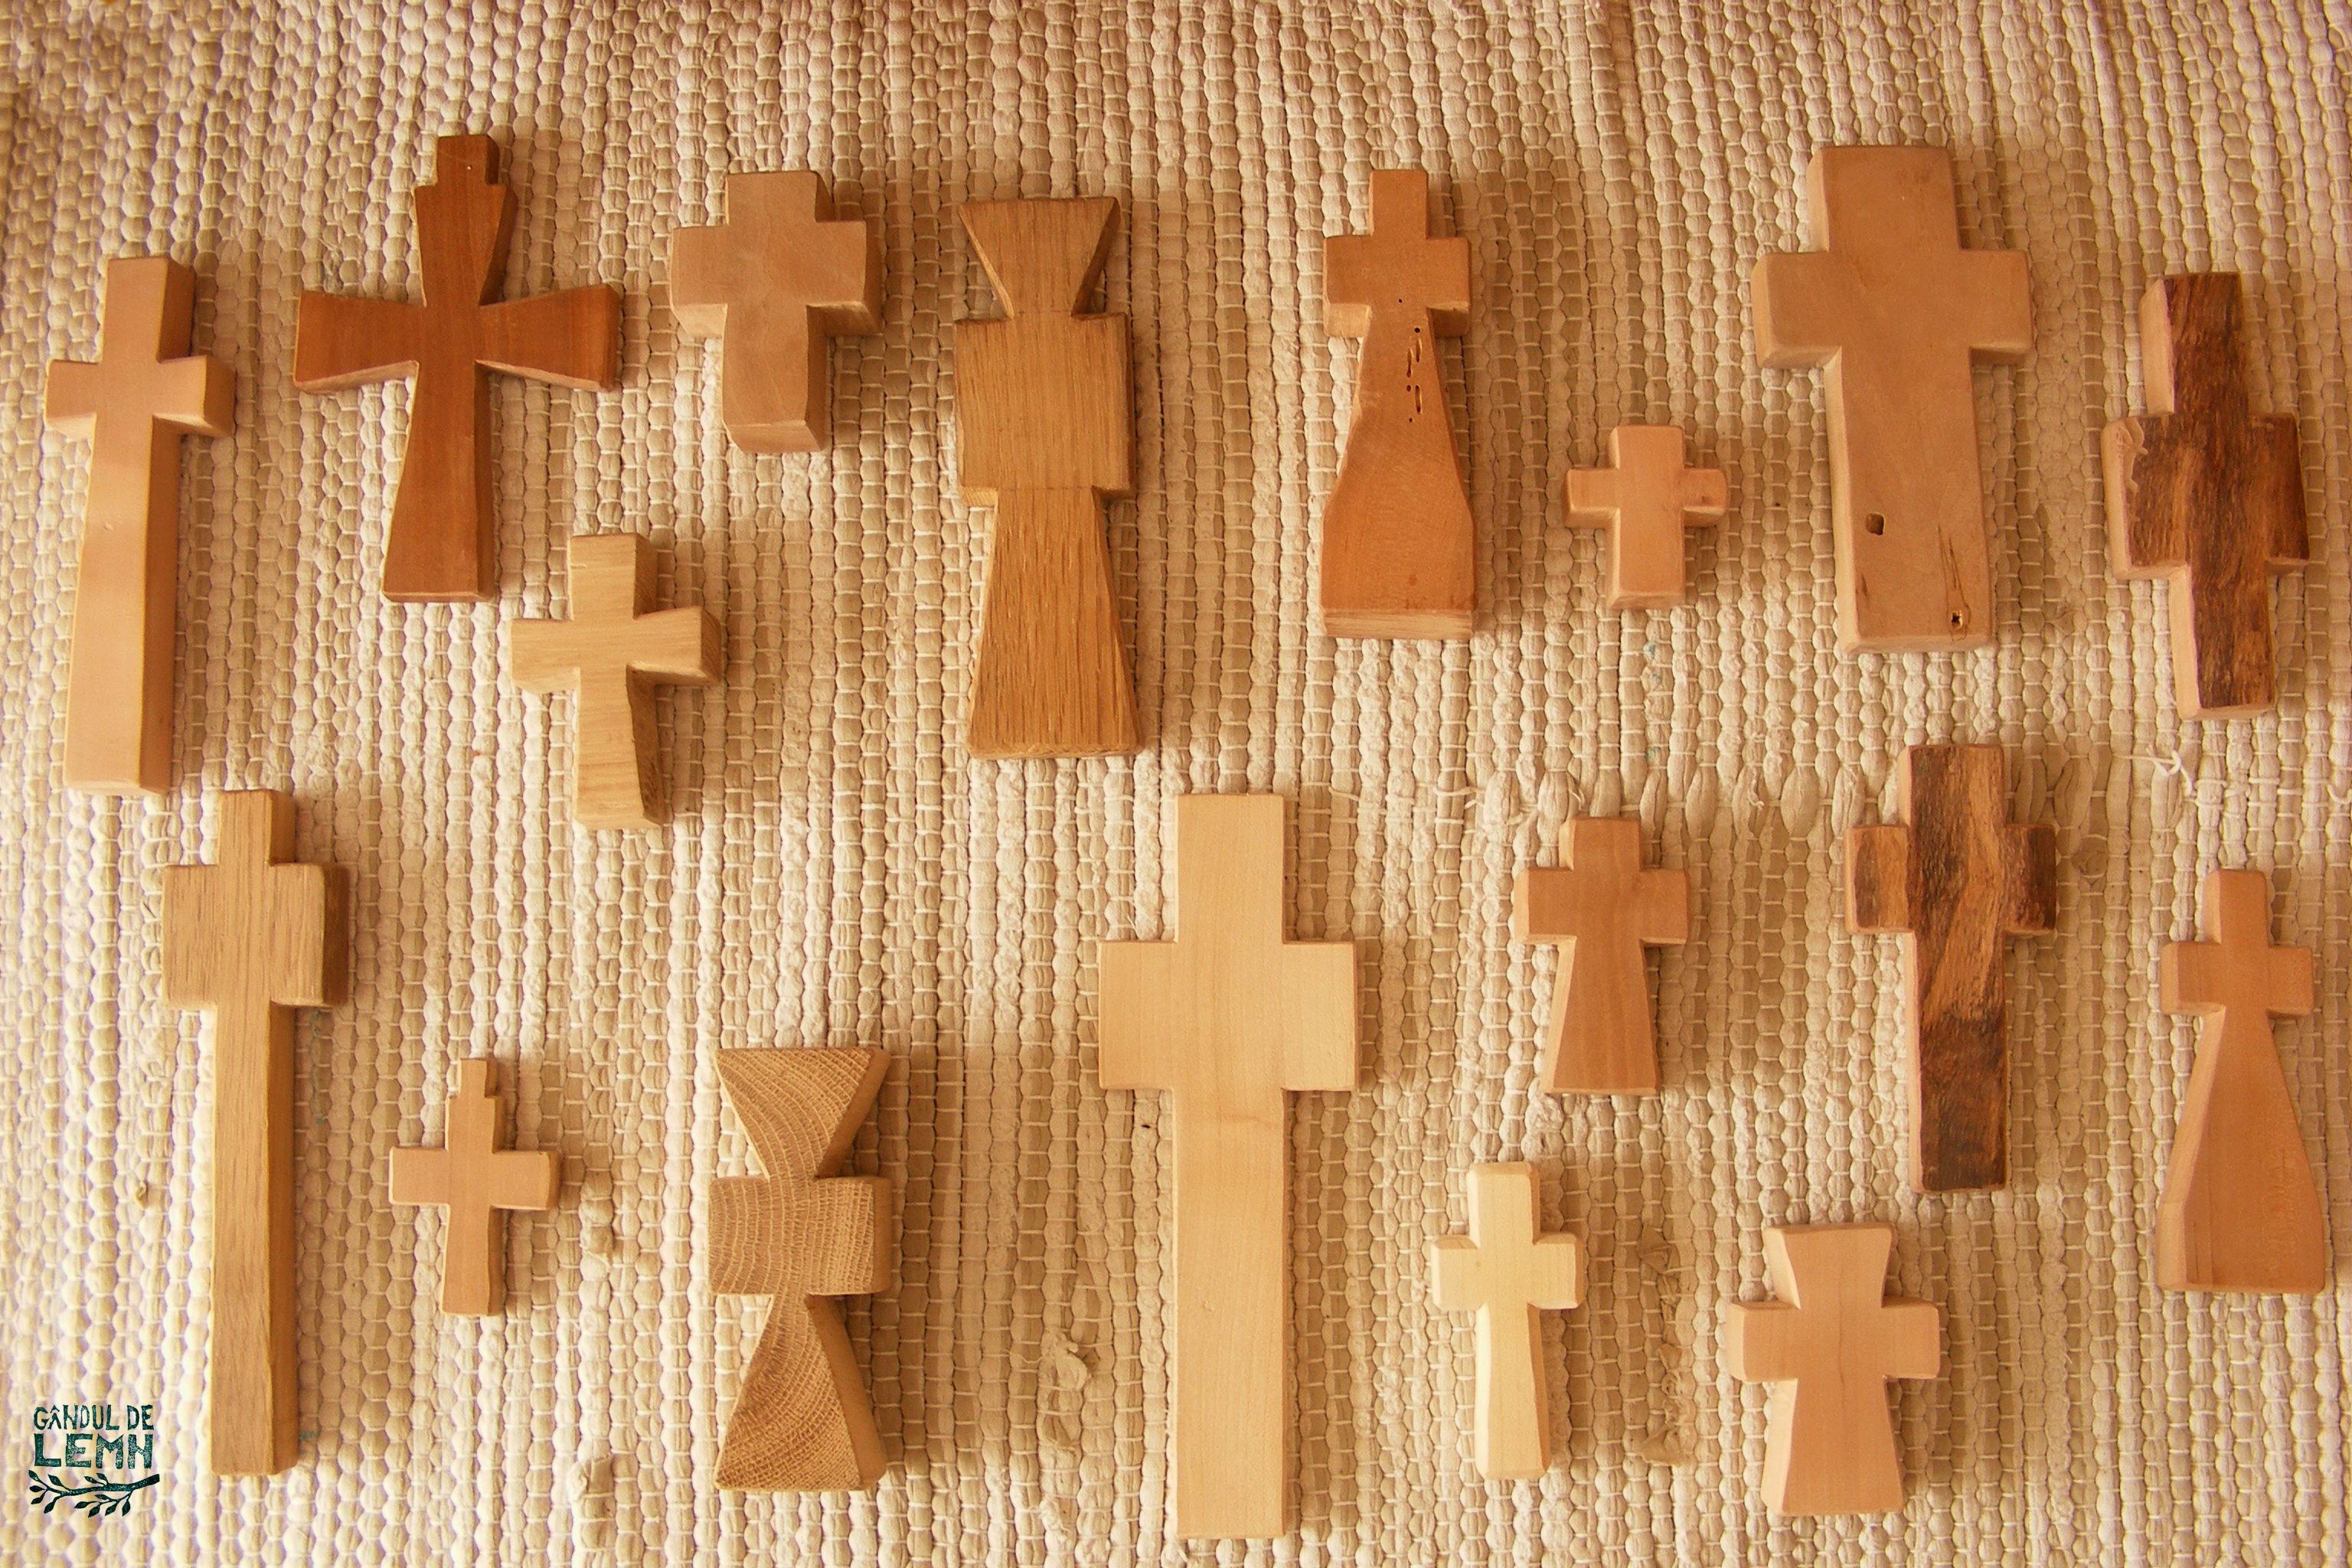 Gândul de lemn